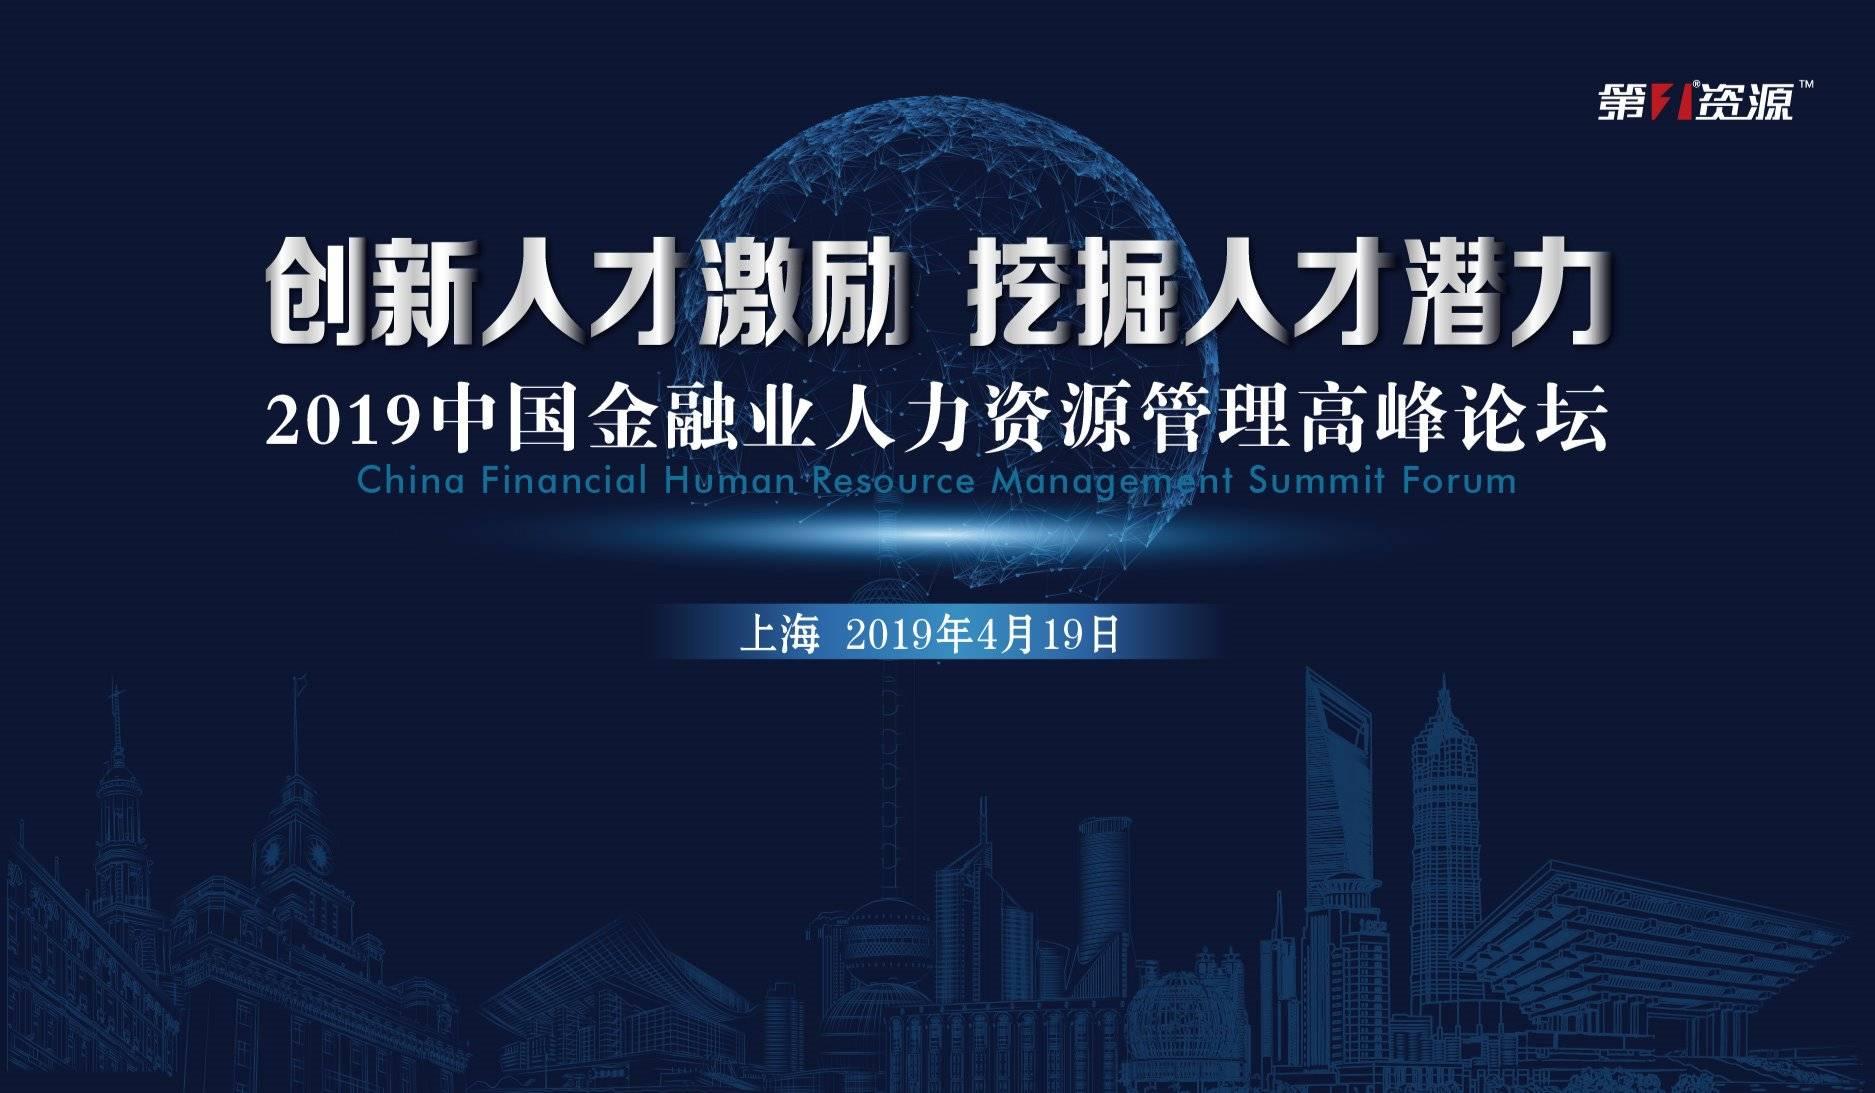 2019中国金融业人力资源管理高峰论坛